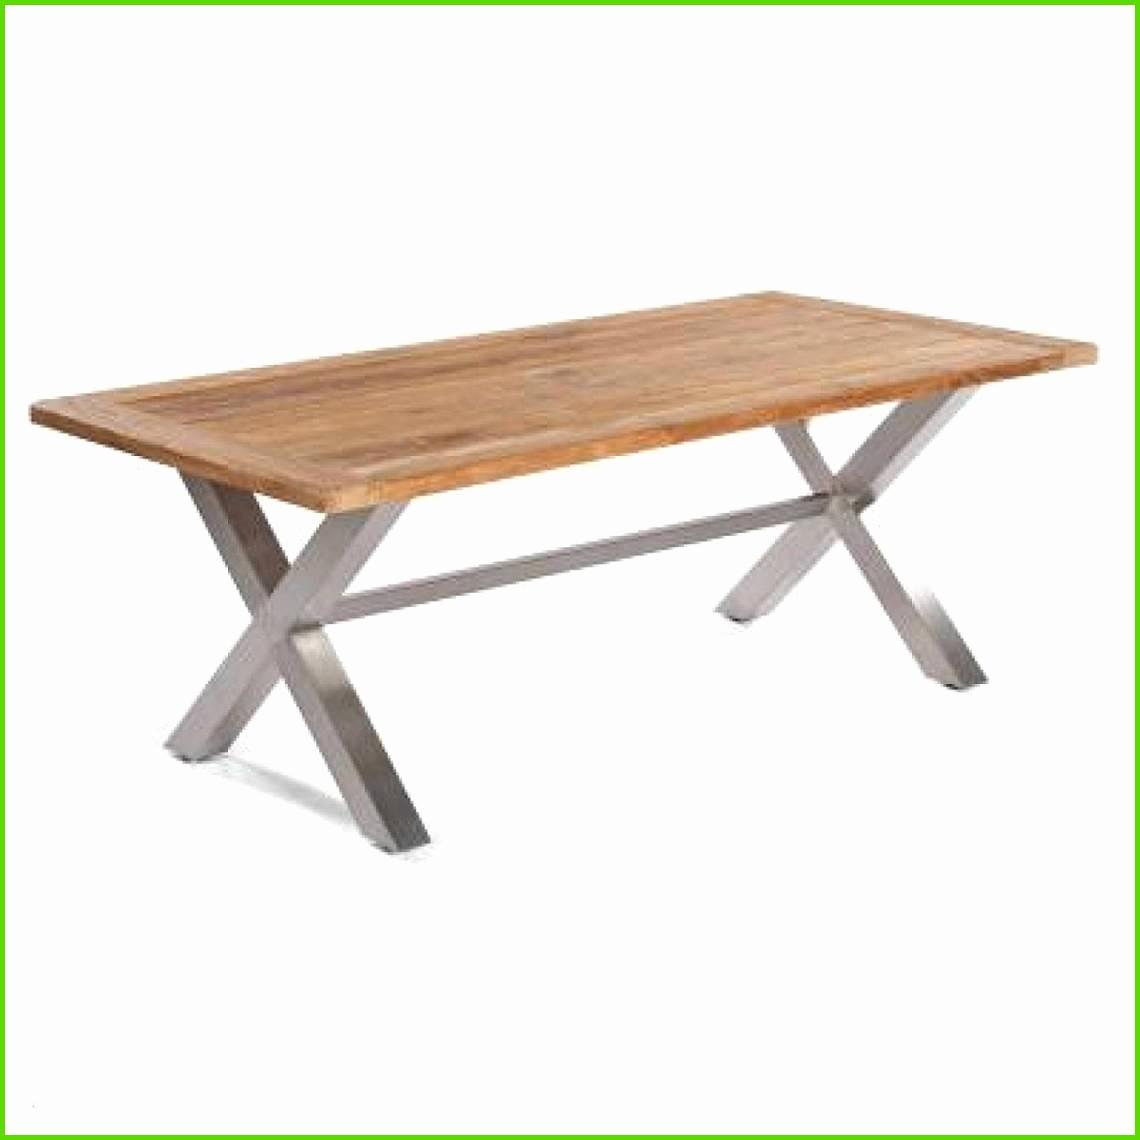 Full Size of Ikea Gartentisch Ausziehbarer Tisch Betten Bei Modulküche 160x200 Miniküche Küche Kosten Kaufen Sofa Mit Schlaffunktion Wohnzimmer Ikea Gartentisch